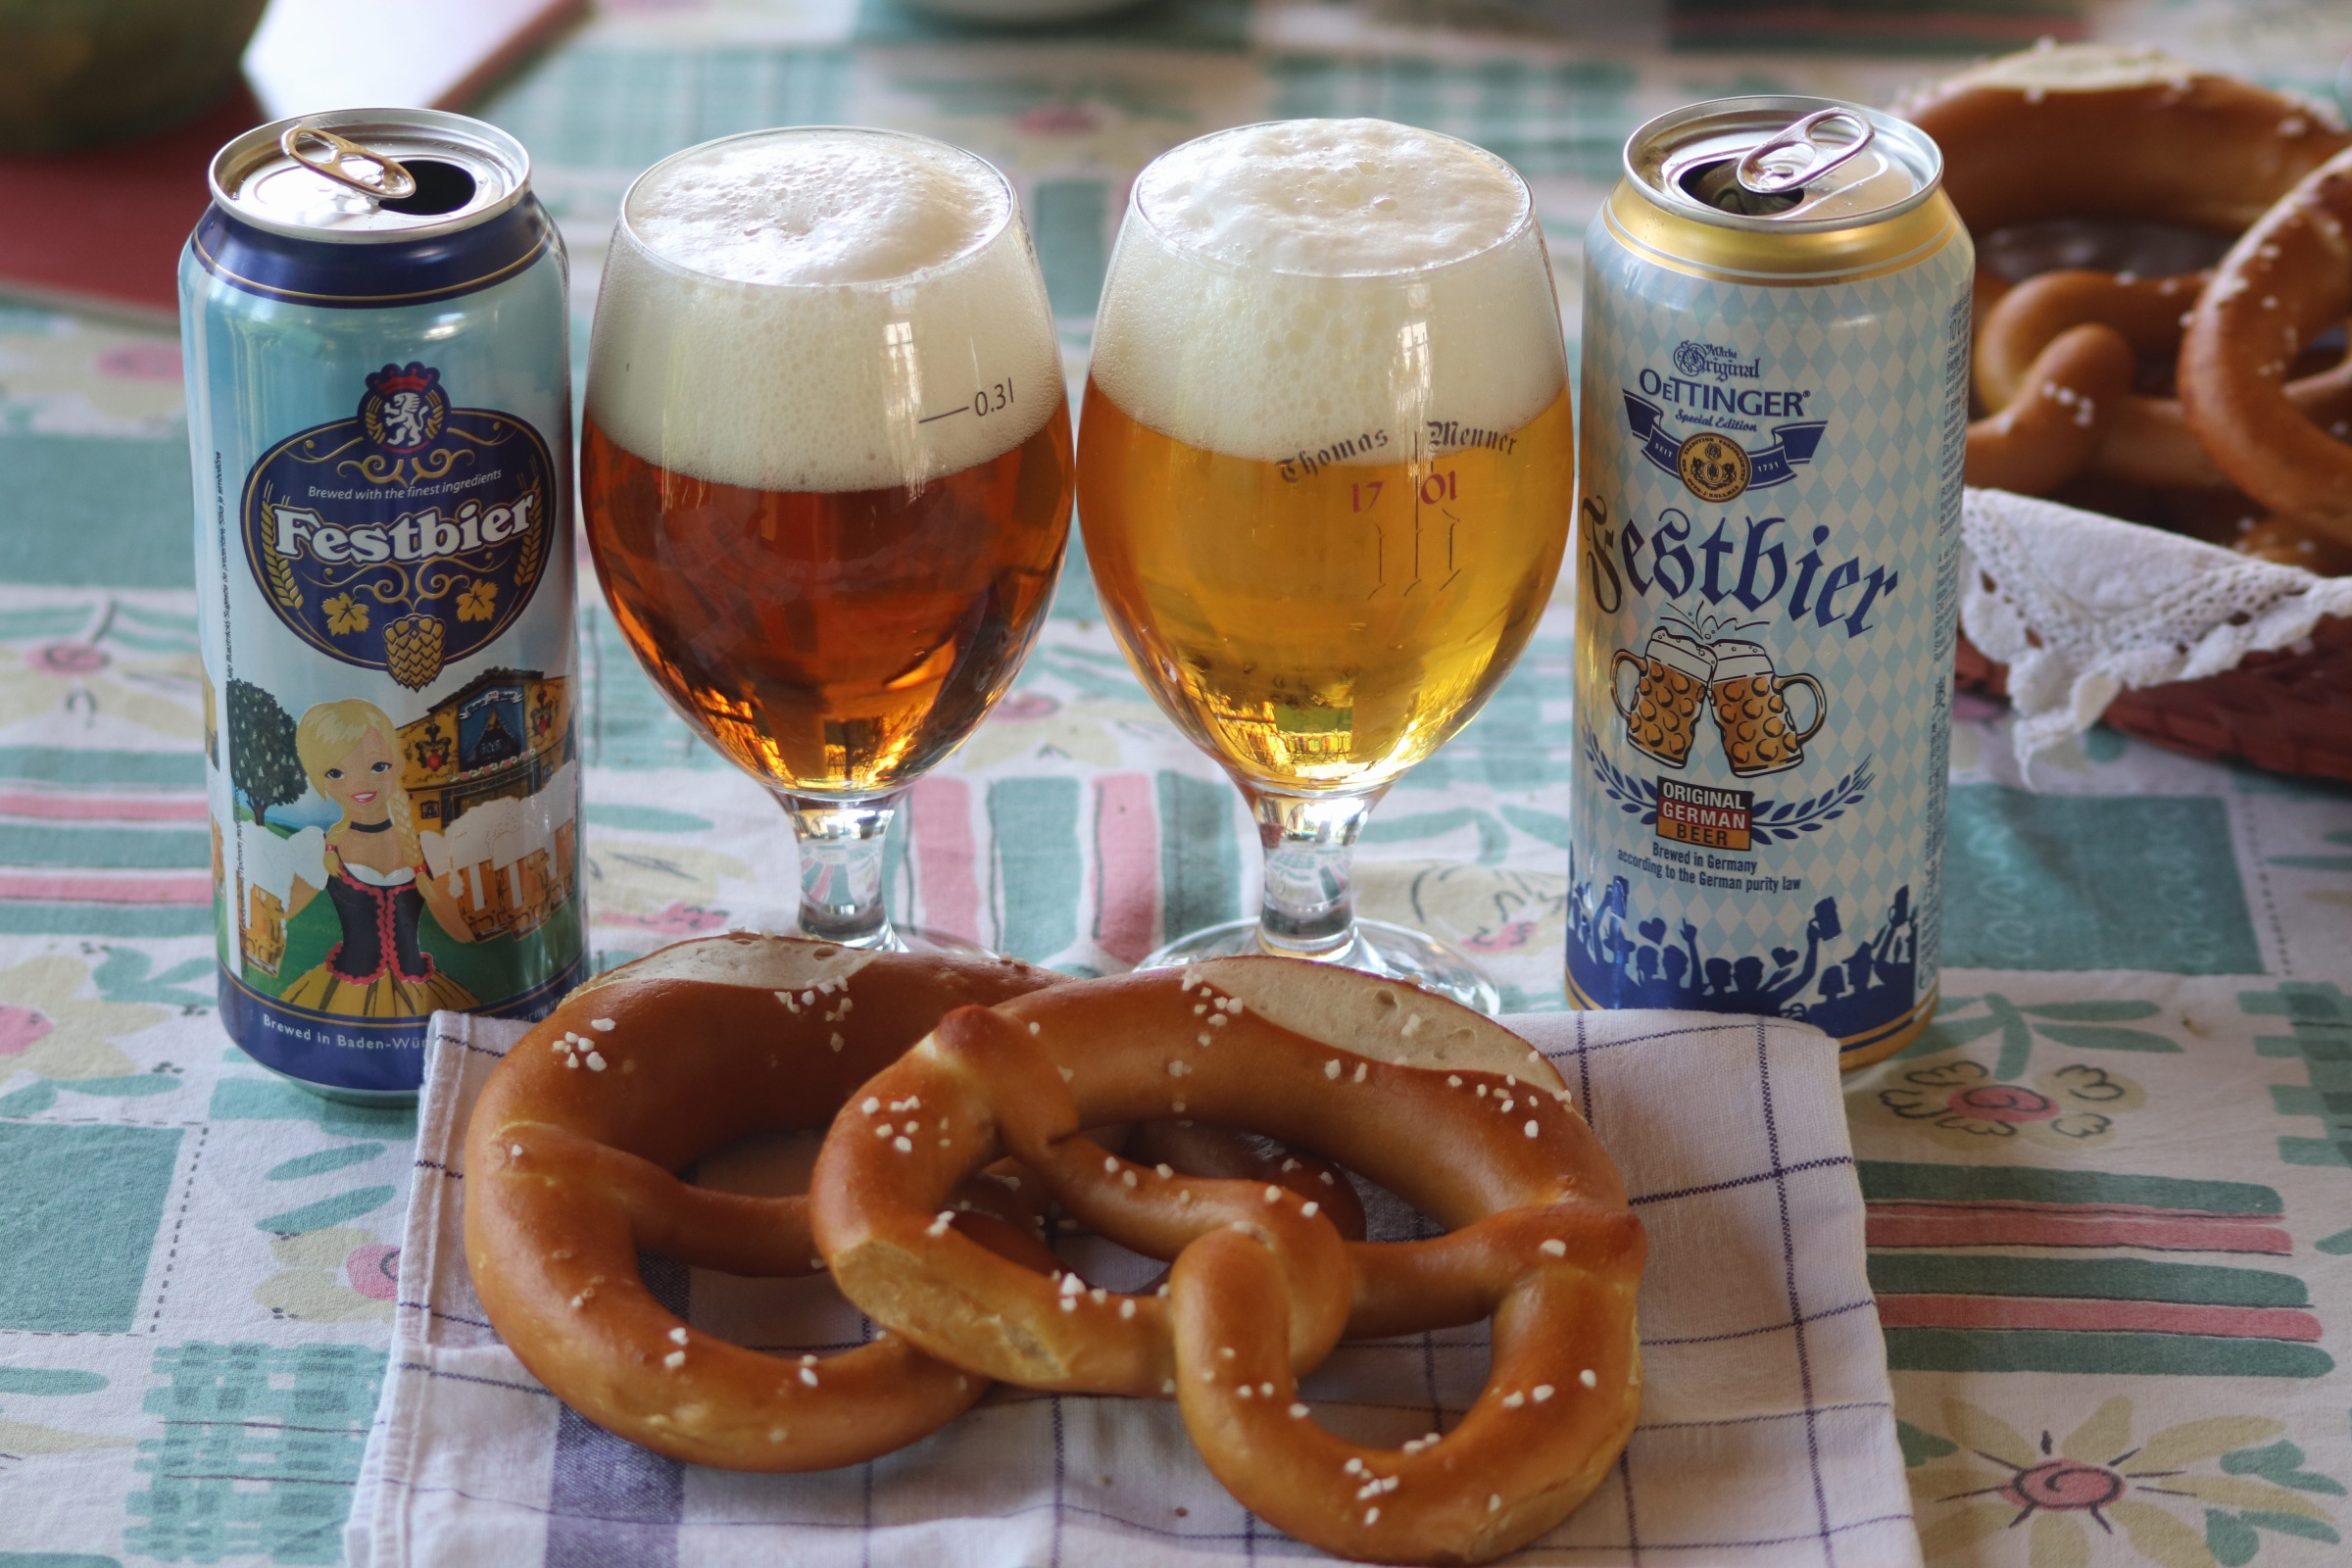 Oktoberfestbier - Aldiból vagy Lidlből